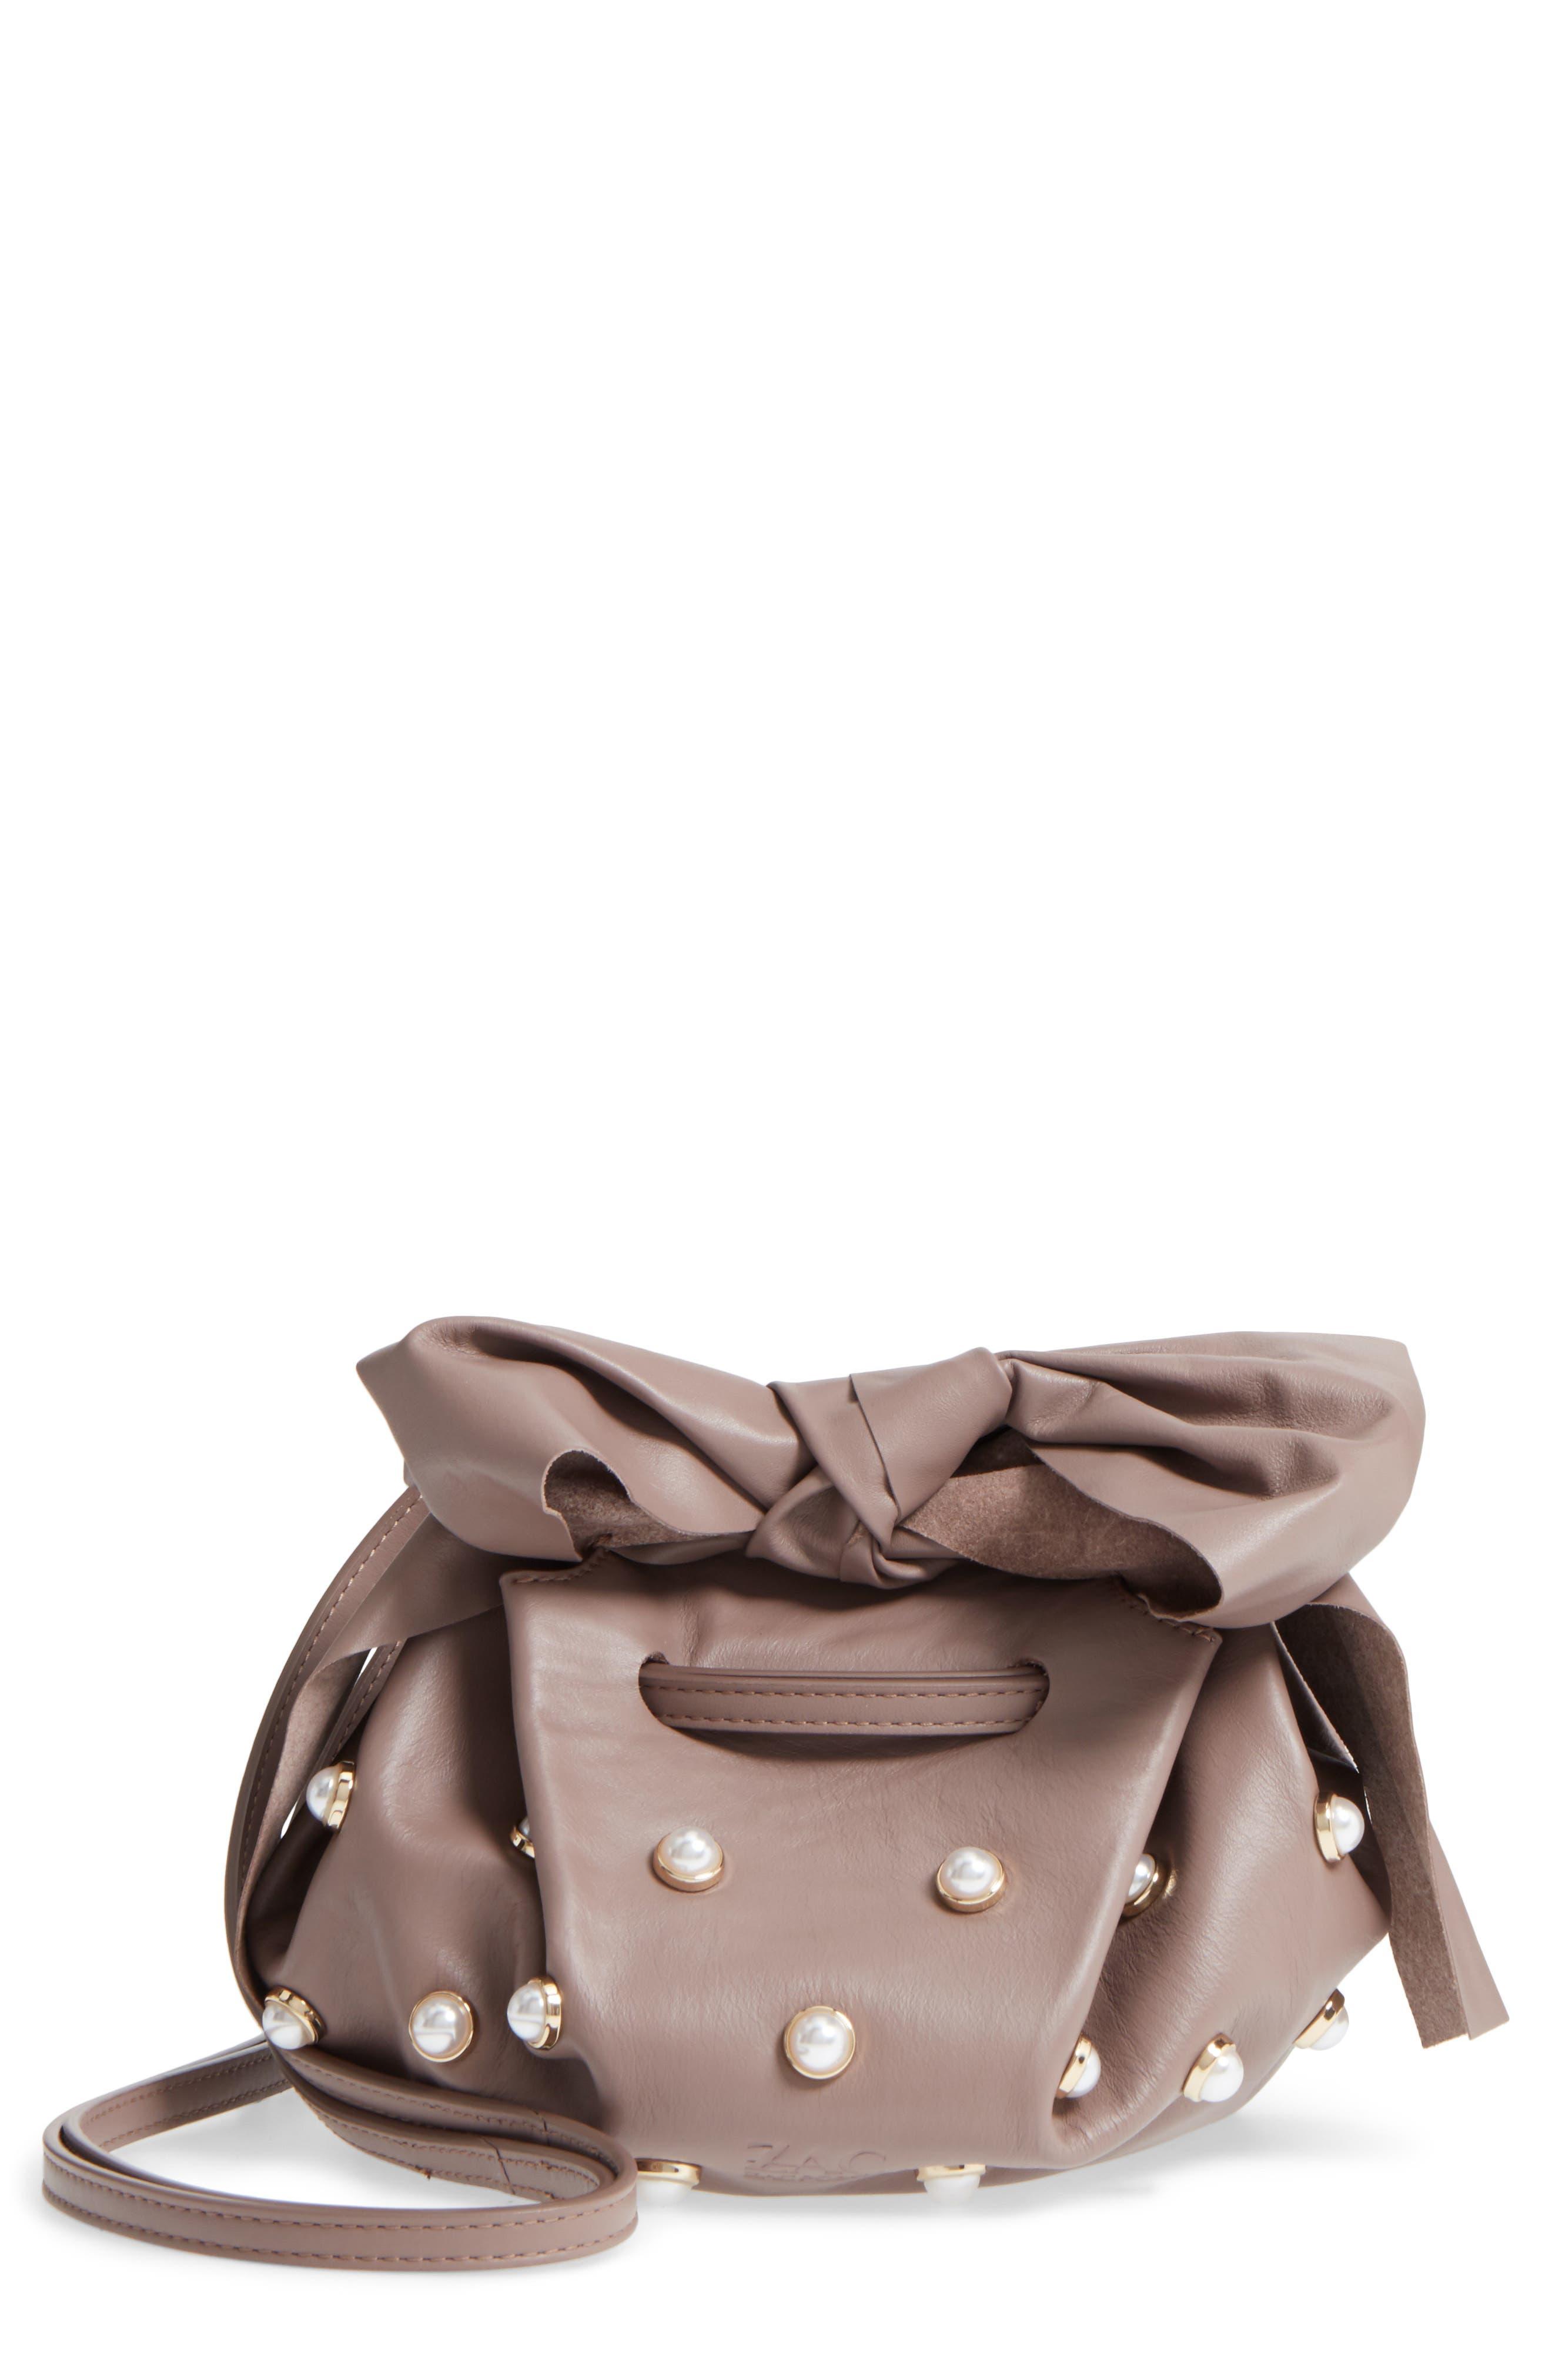 Soirée Imitation Pearl Lady Leather Crossbody Bag,                         Main,                         color, 530